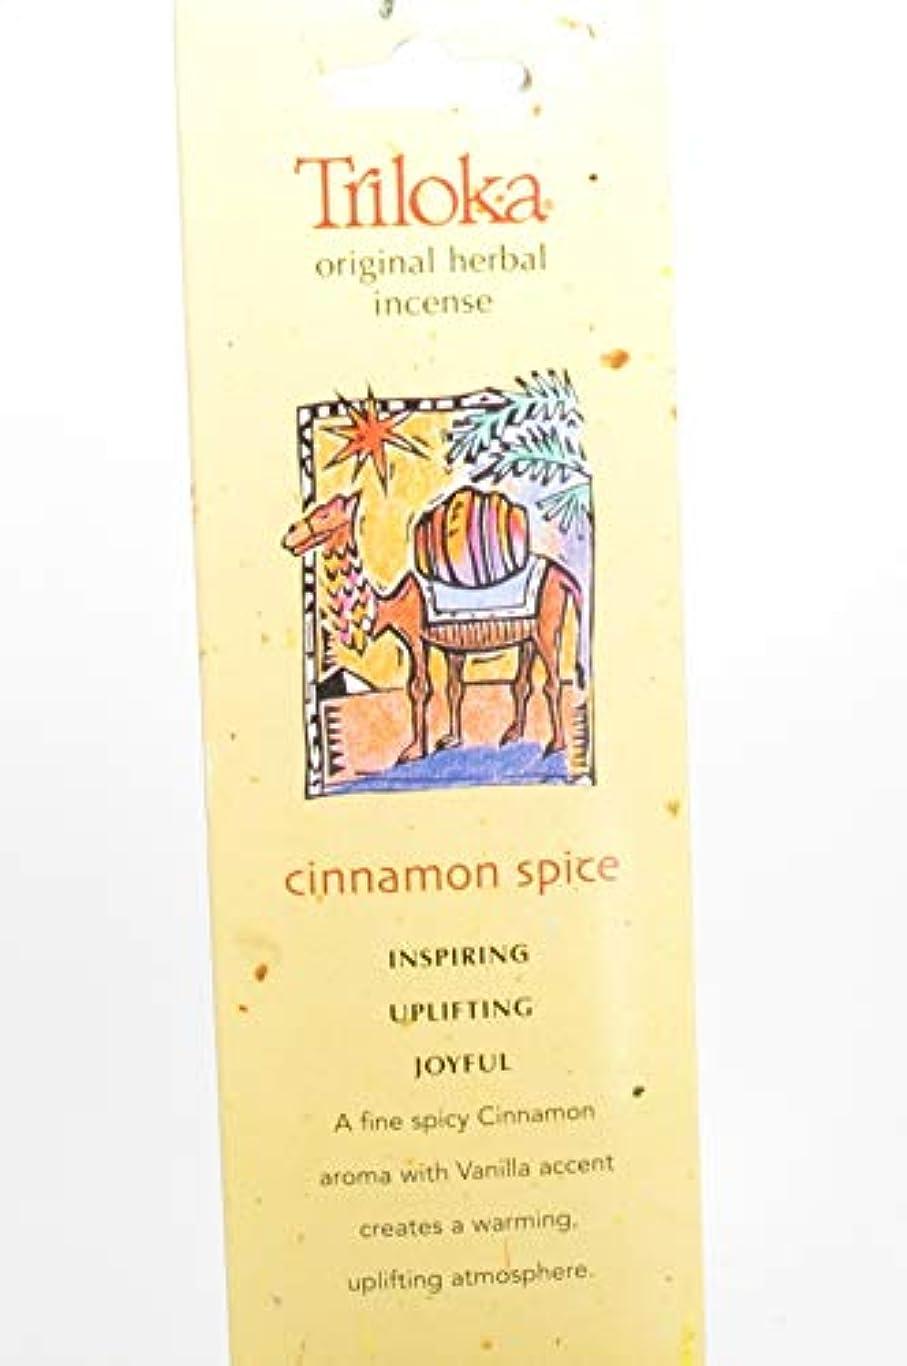 気取らない粘土劣るCinnamon Spice – Triloka元Herbal Incense Sticks